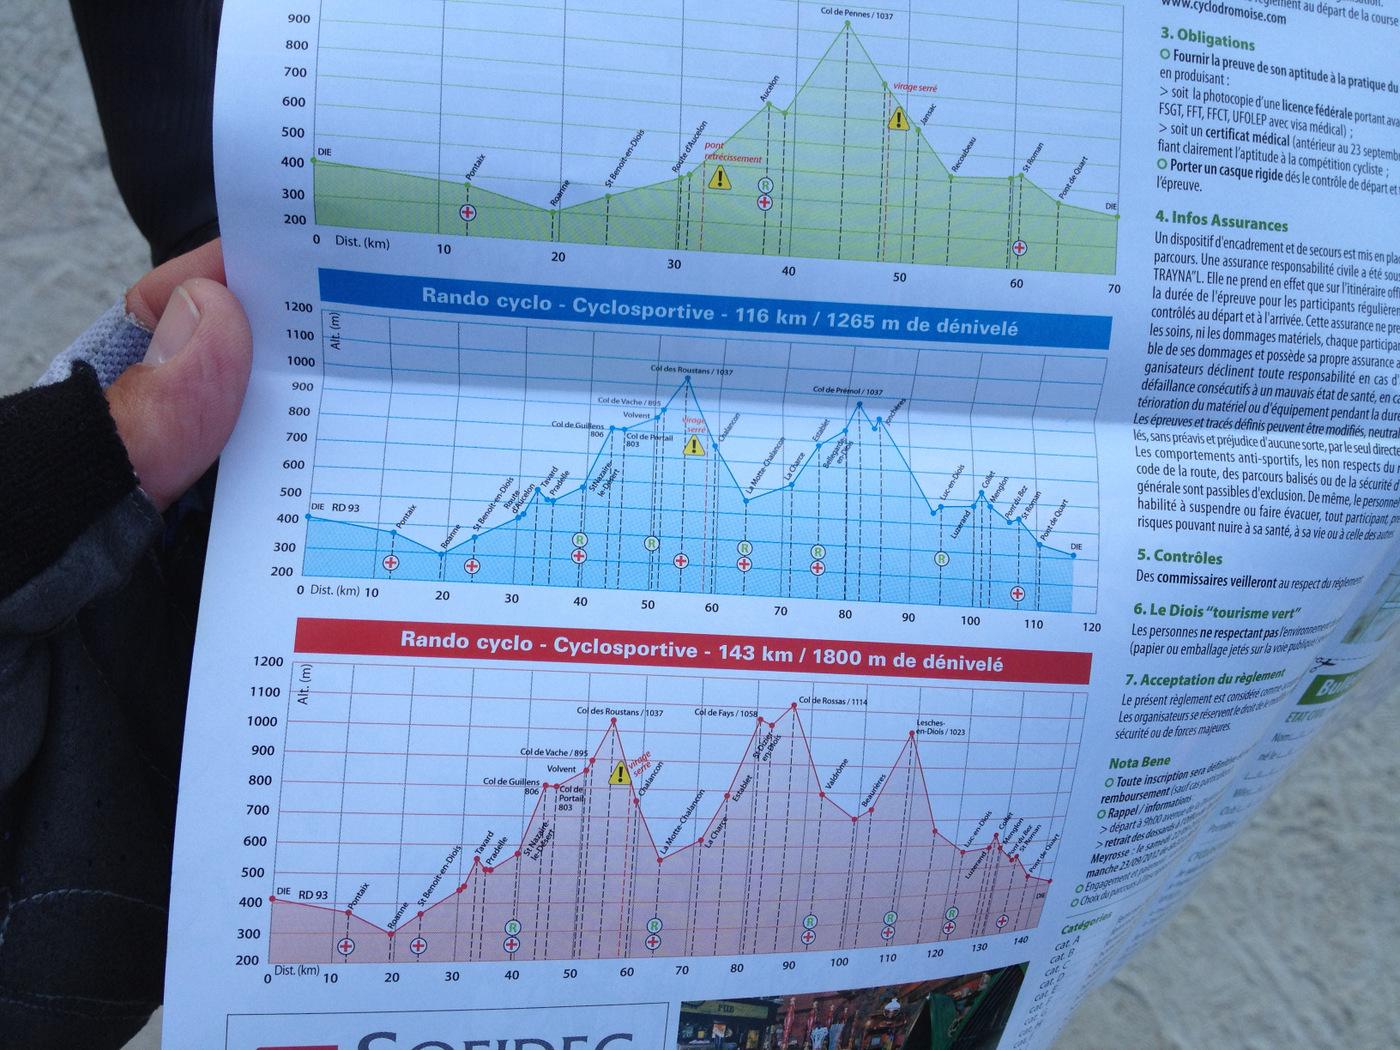 המשתתפים בספורטיף מקבלים את גרף הגובה של המסלול